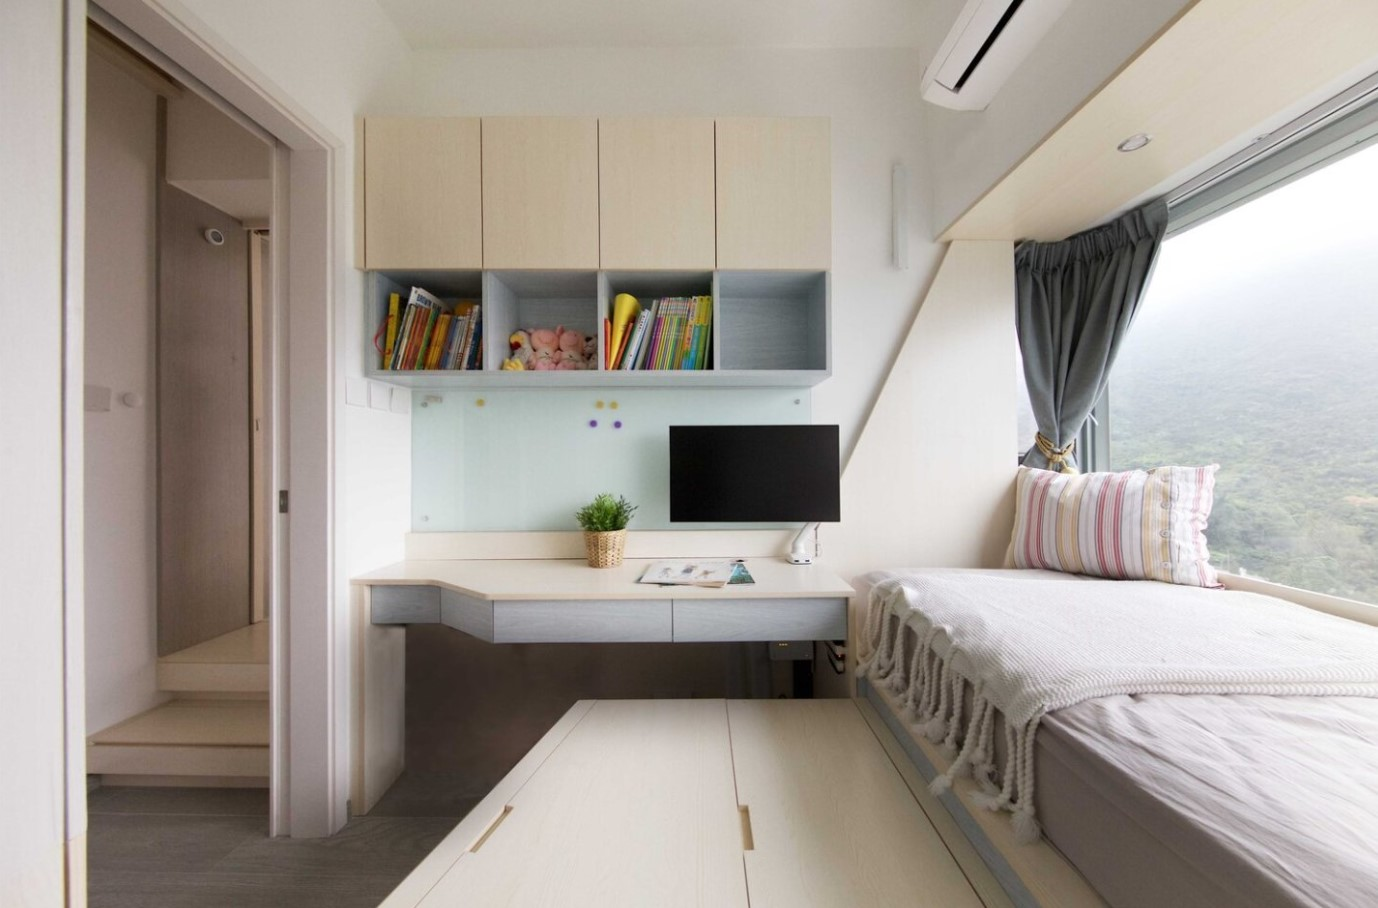 Smart Zendo, projekt Smart Zendo, oszczędzanie miejsca, dom w mieszkaniu